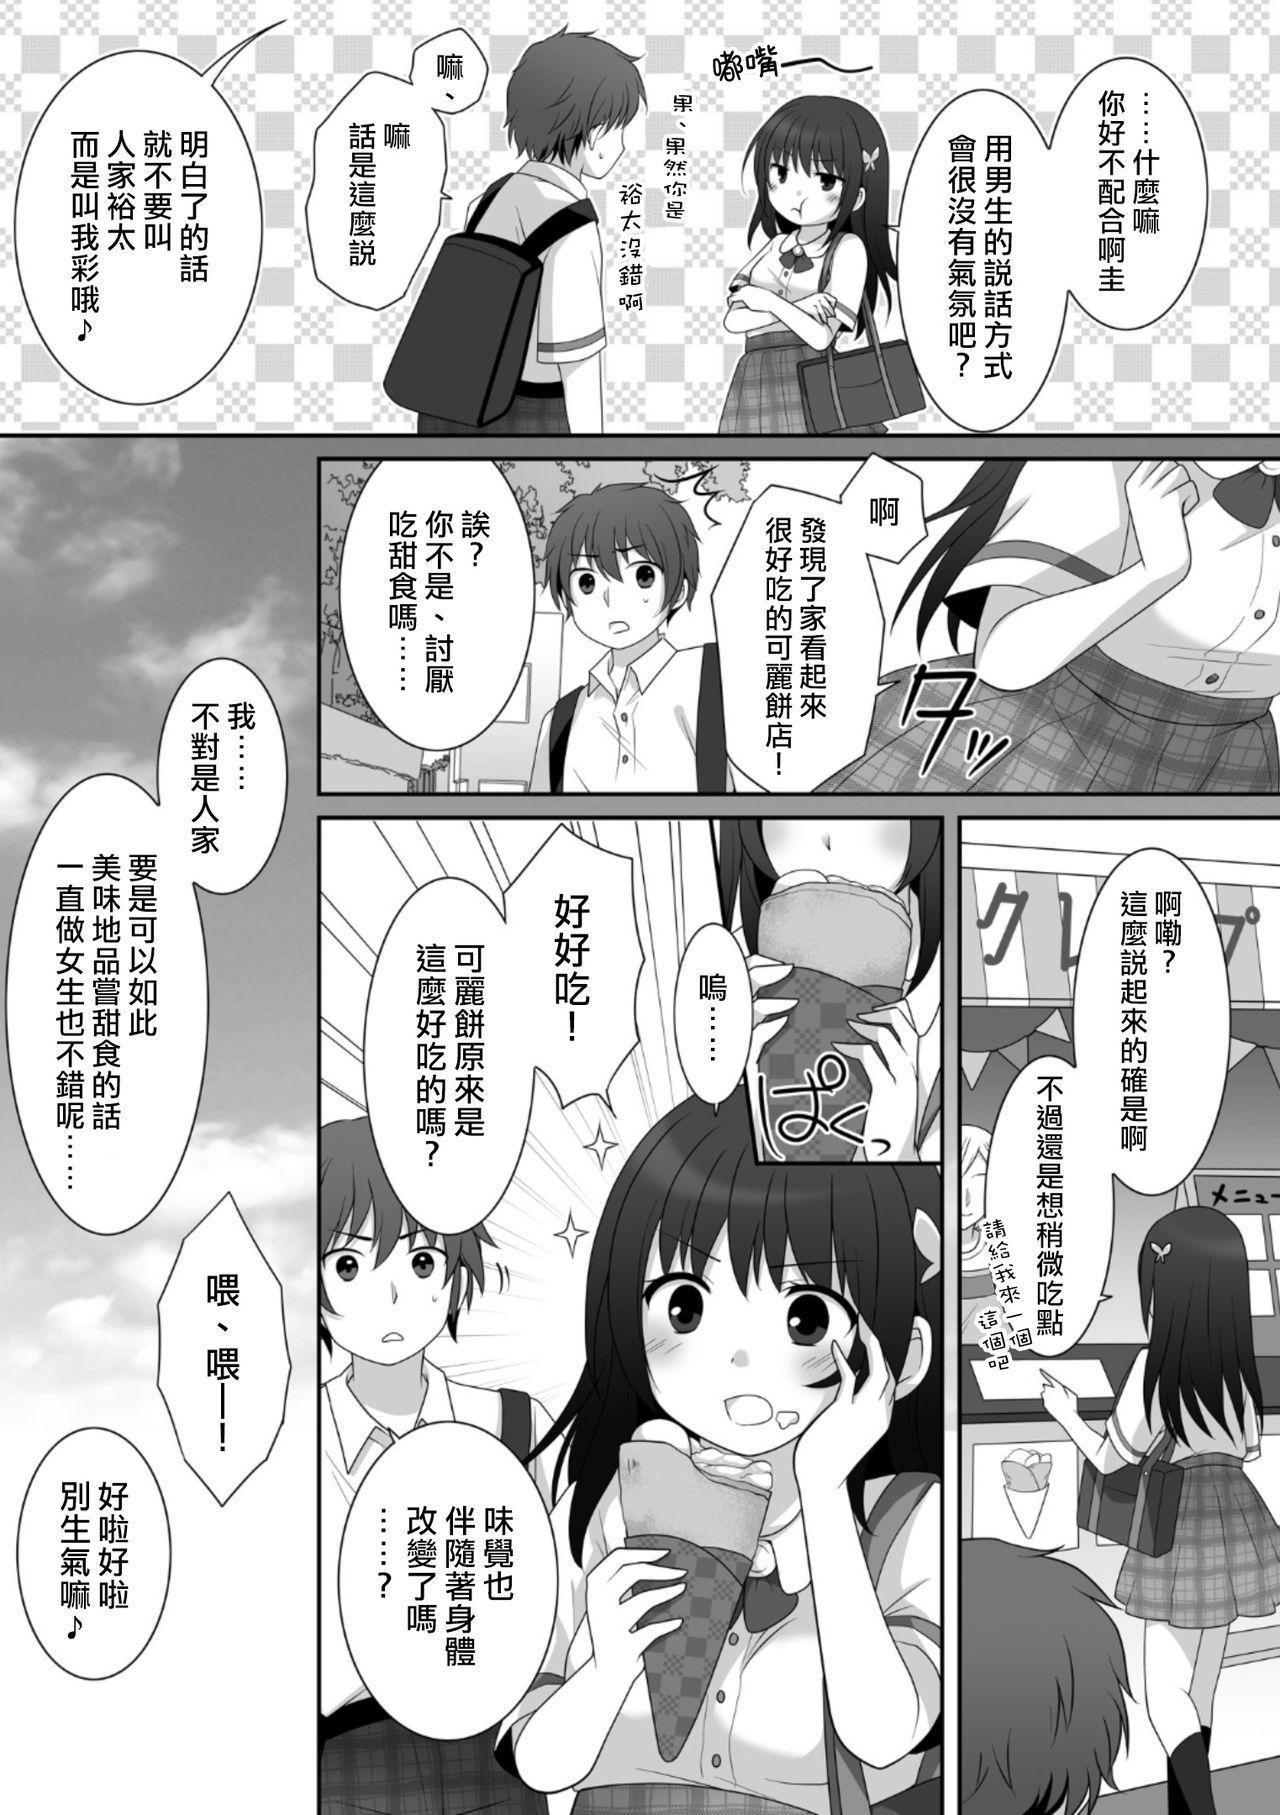 Joshi ni Hyoui shita Ore to Date shiyo! 9